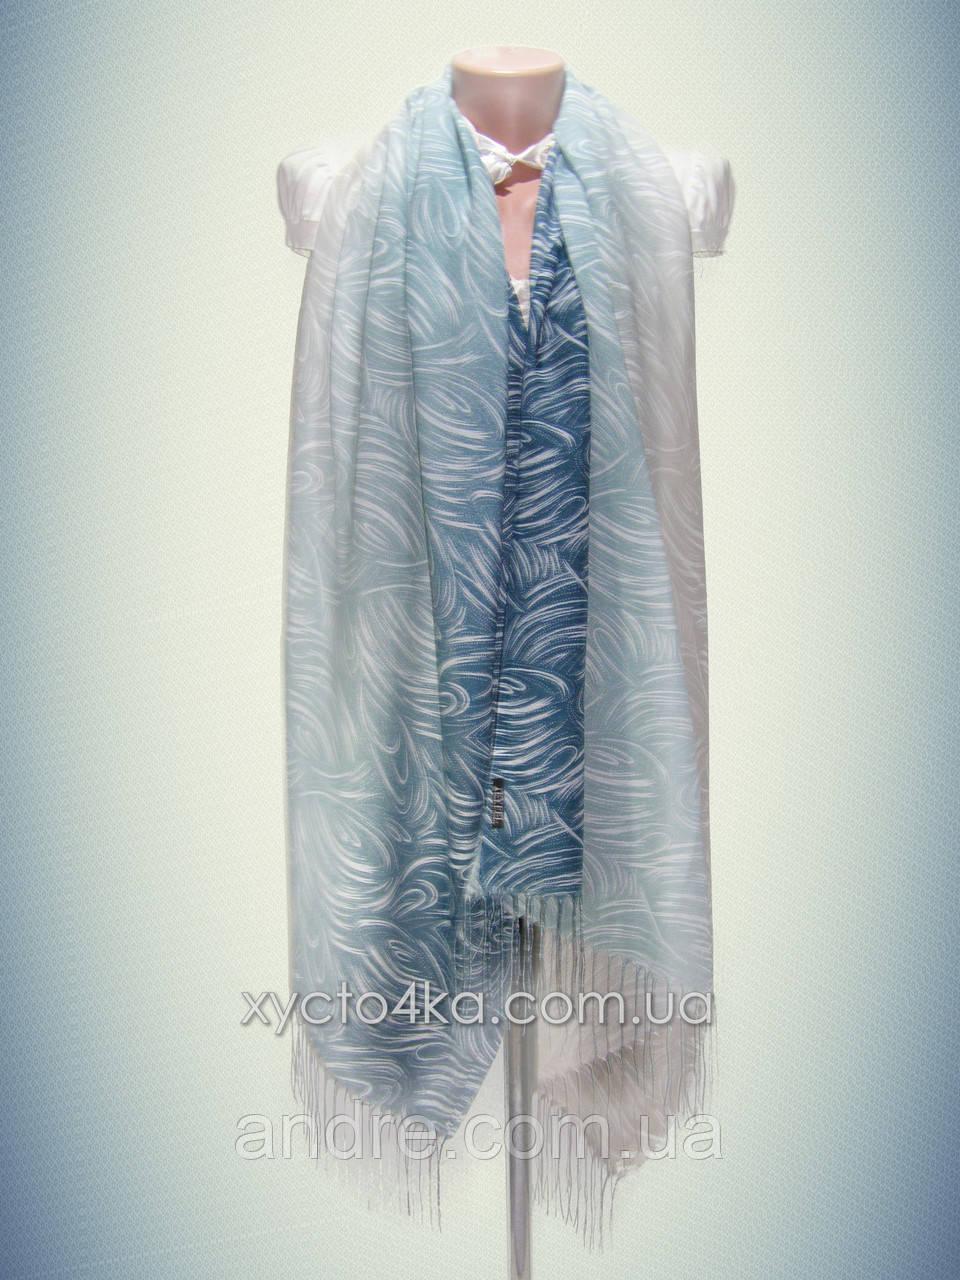 Лёгкий натуральный шарф Снеп, индиго